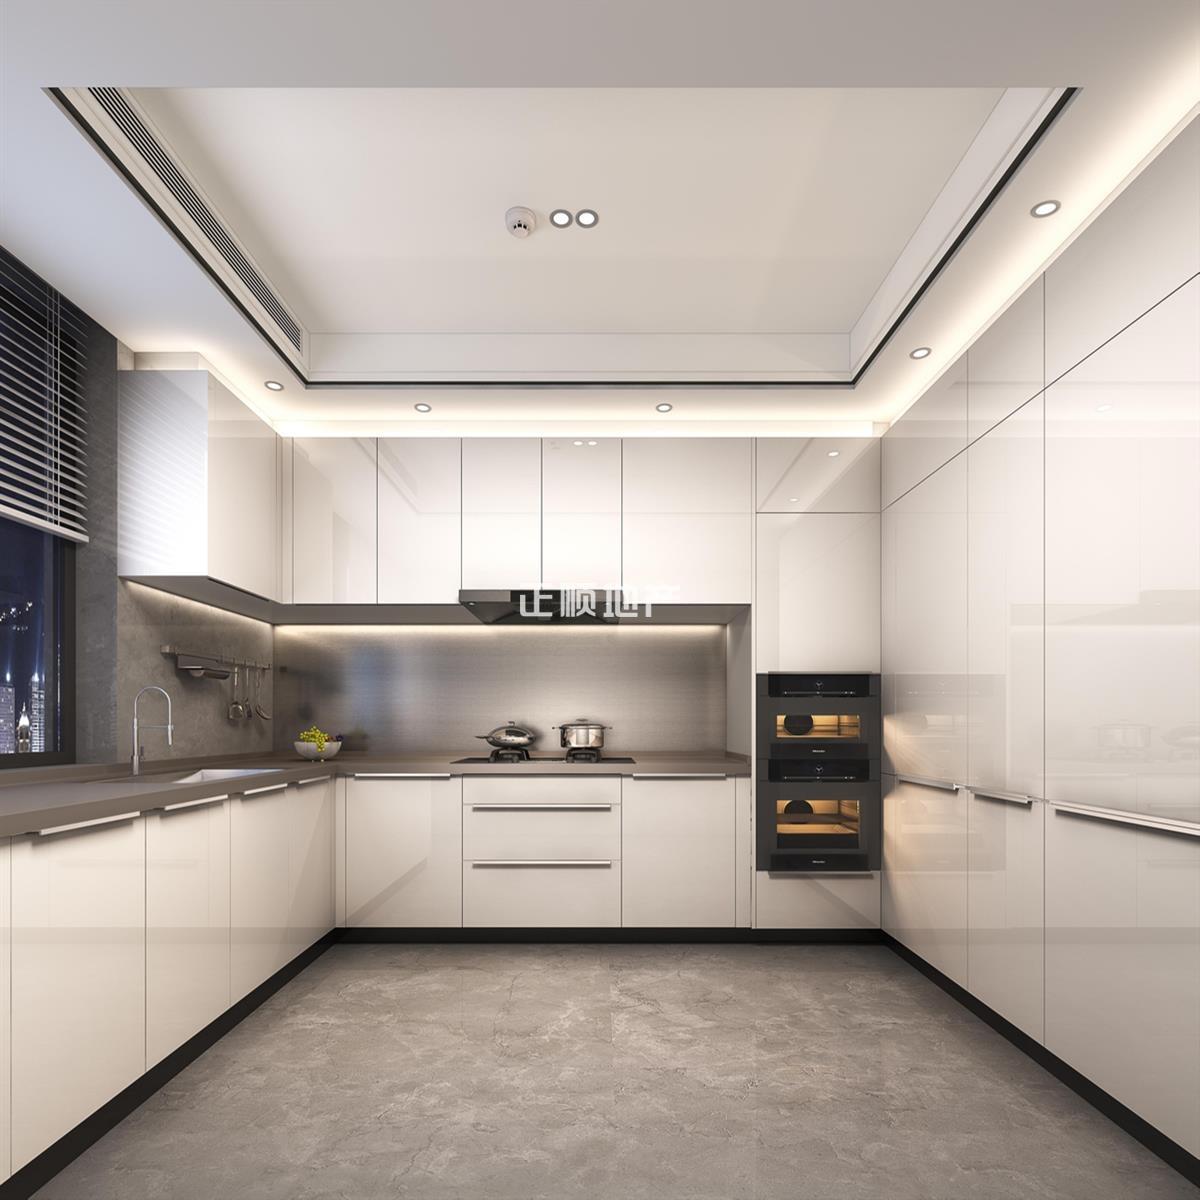 住宅厨房效果图